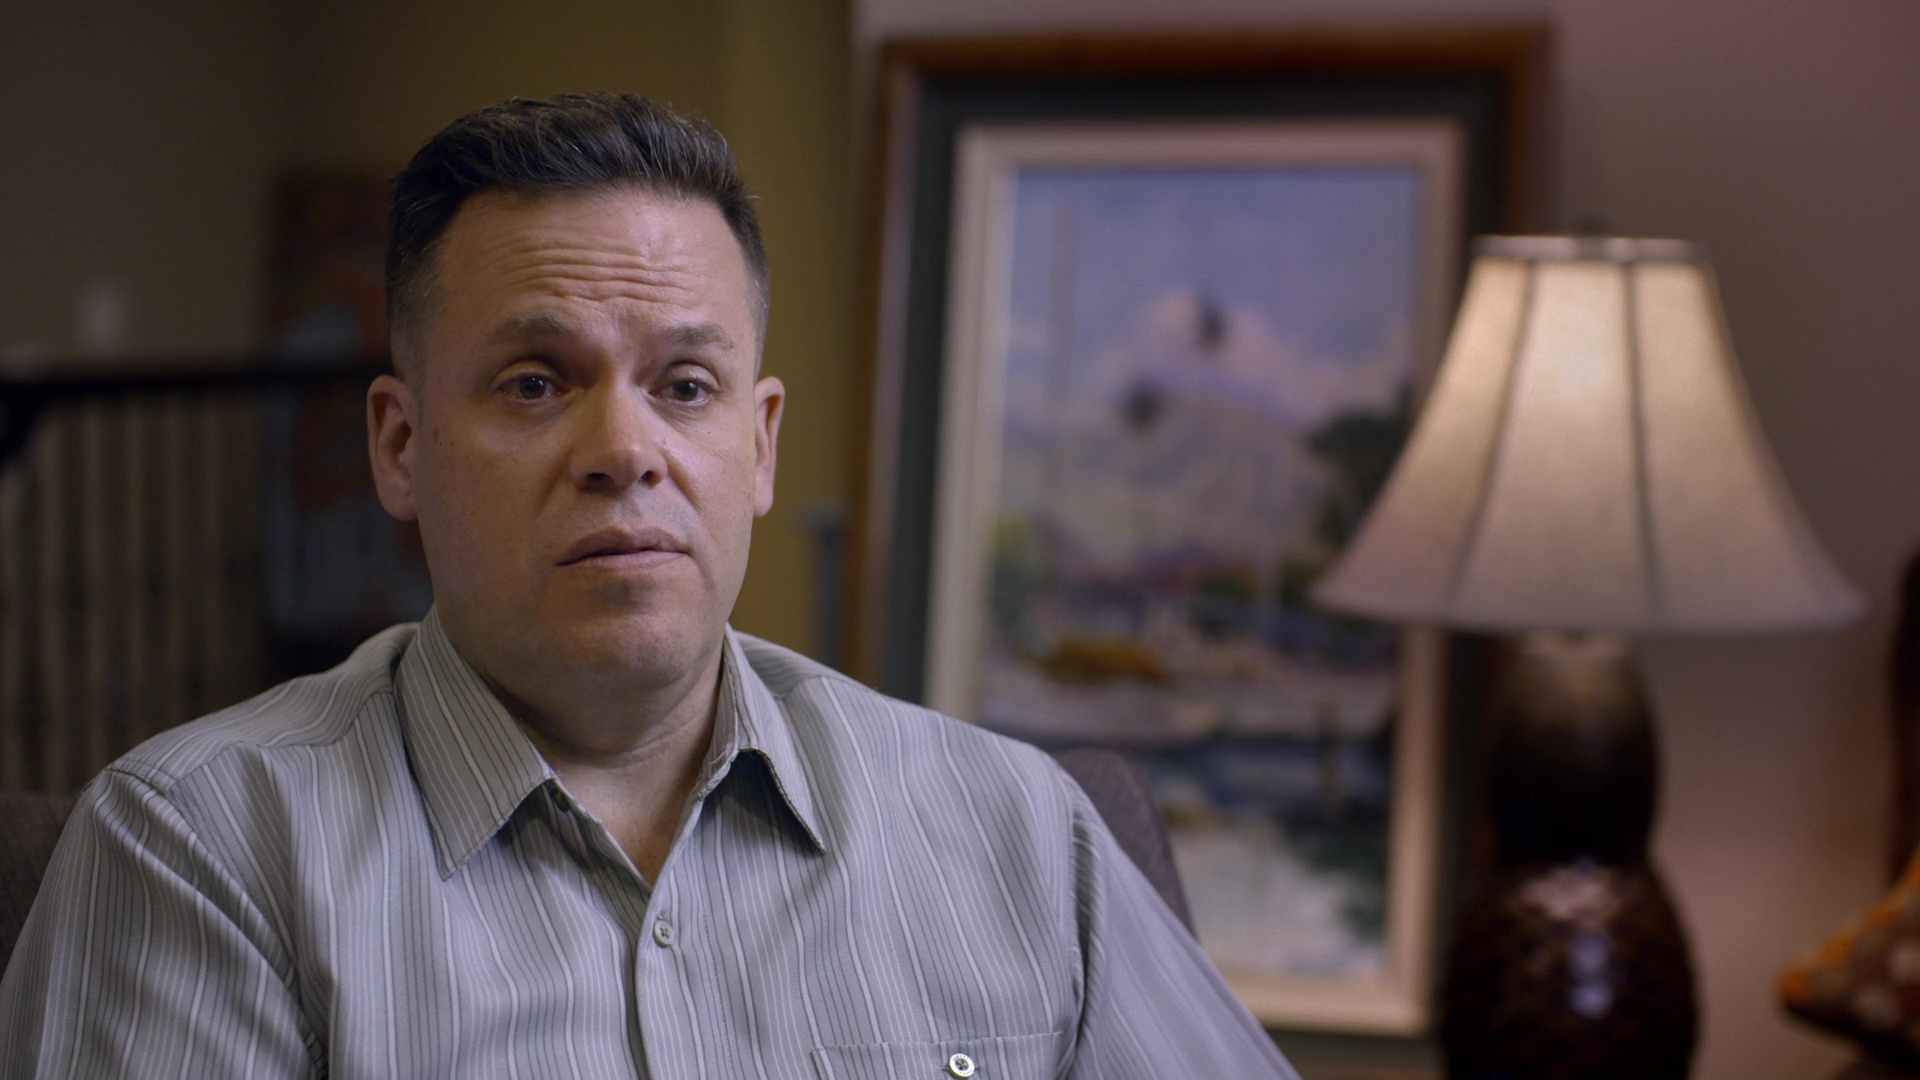 Pray Away: La cruz dentro del clóset (2021) 1080p WEB-DL Latino